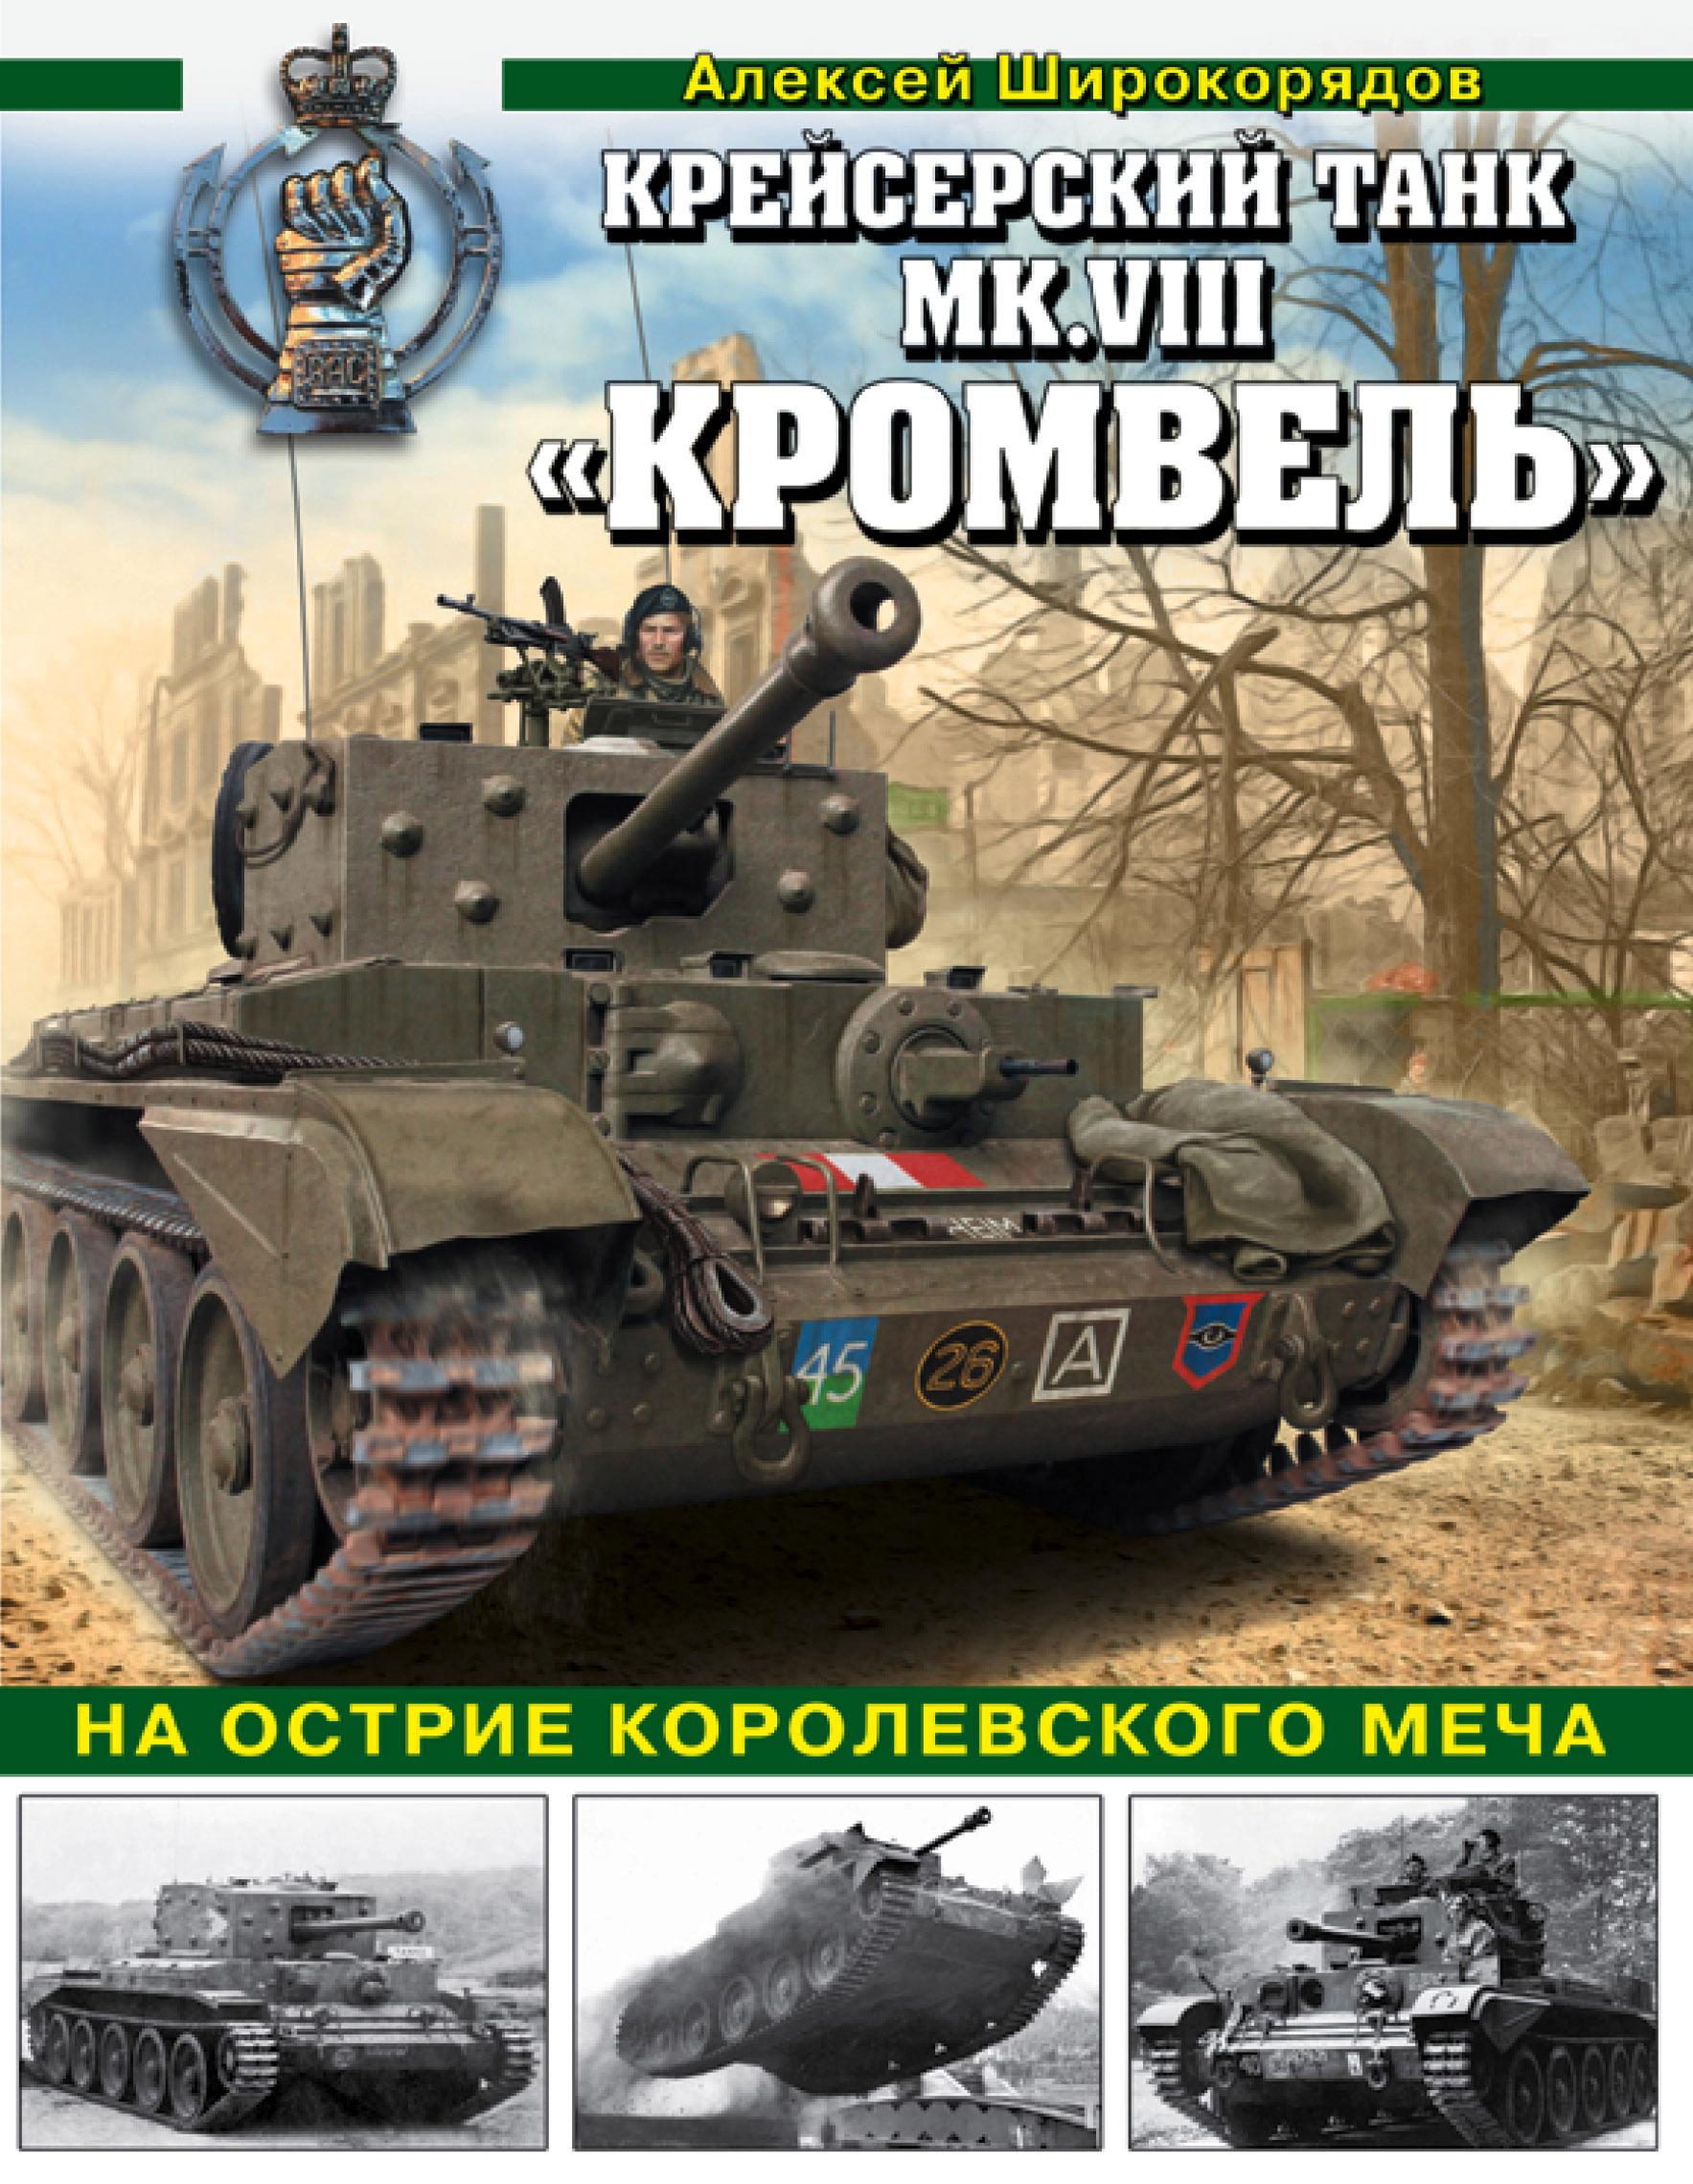 Крейсерский танк Mk.VIII «Кромвель». На острие королевского меча